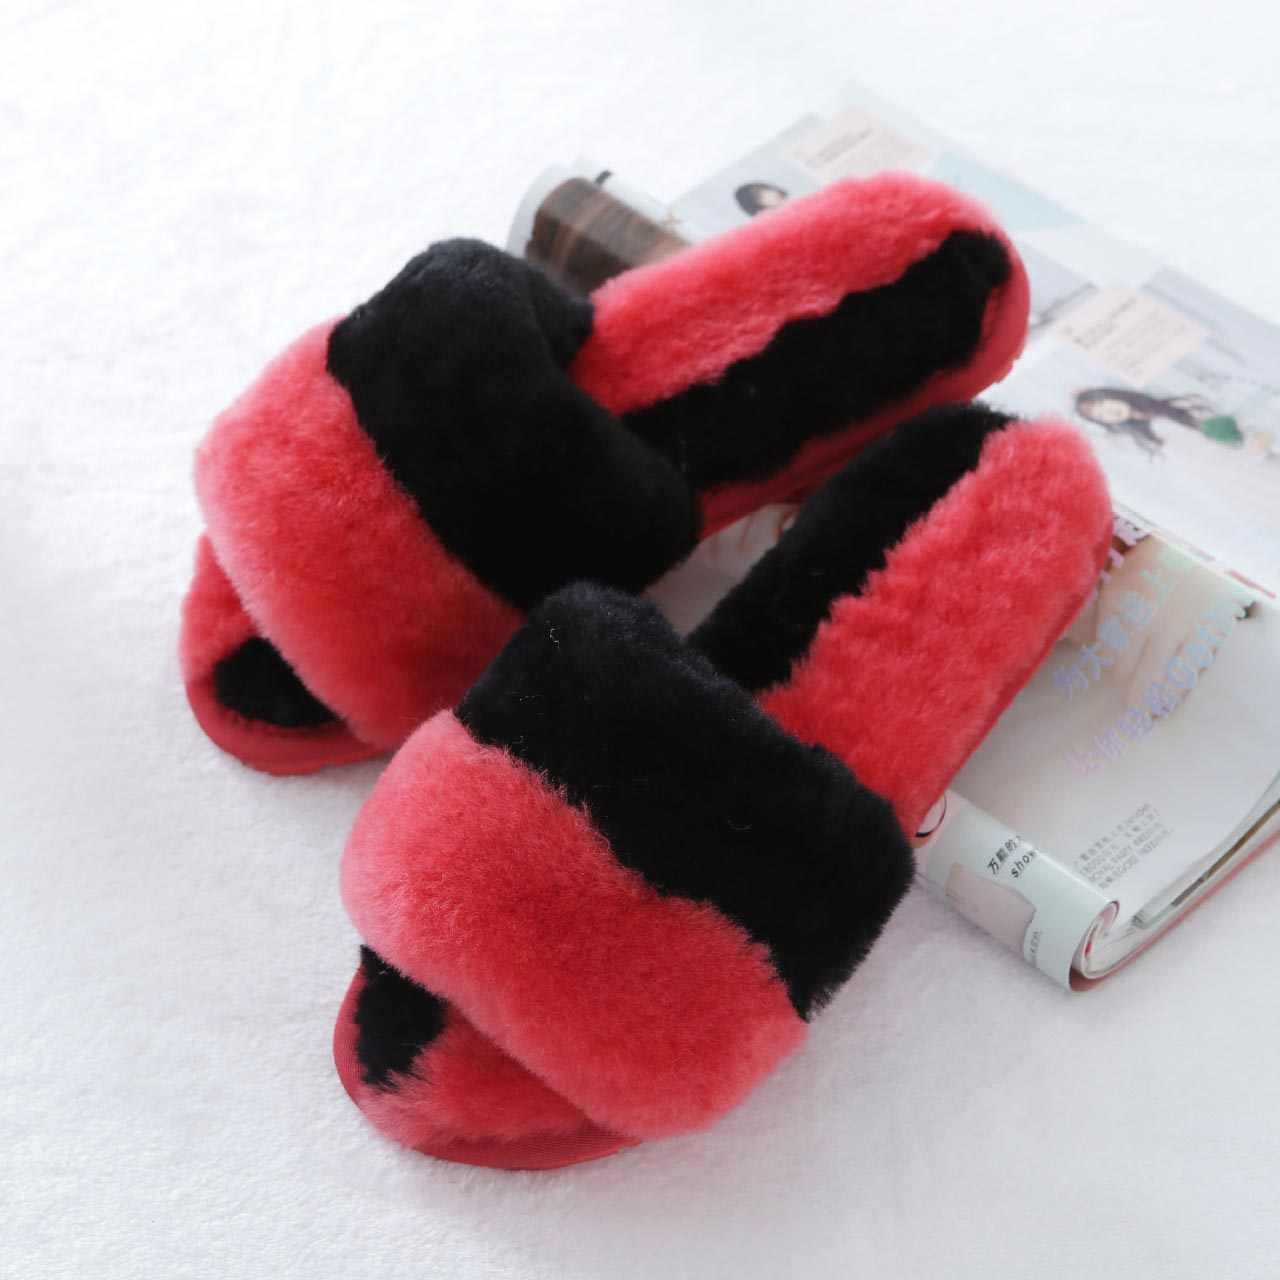 אופנה חם צמר טבעי פרווה בית נעלי בית מיזוג אוויר חדר מקורה כבש נעלי פרווה נעלי בית נעלי נשים